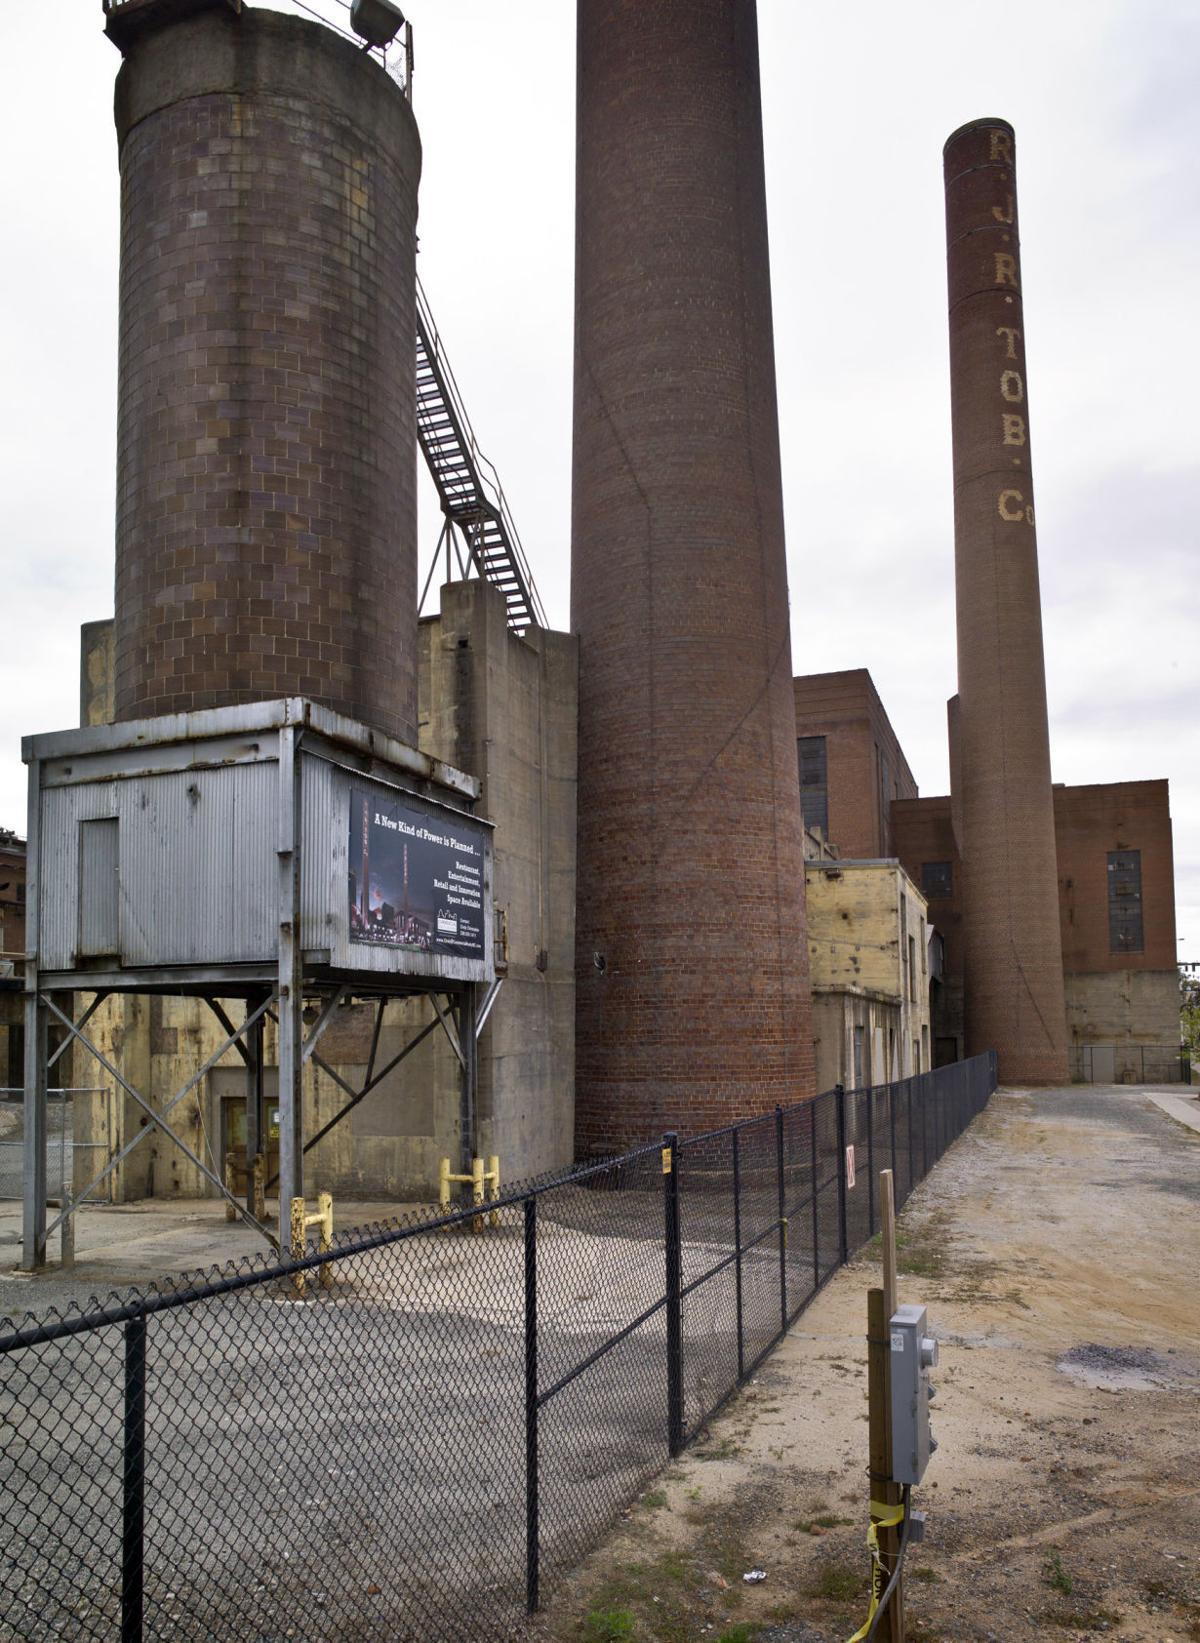 Bailey Power Plant veritcal